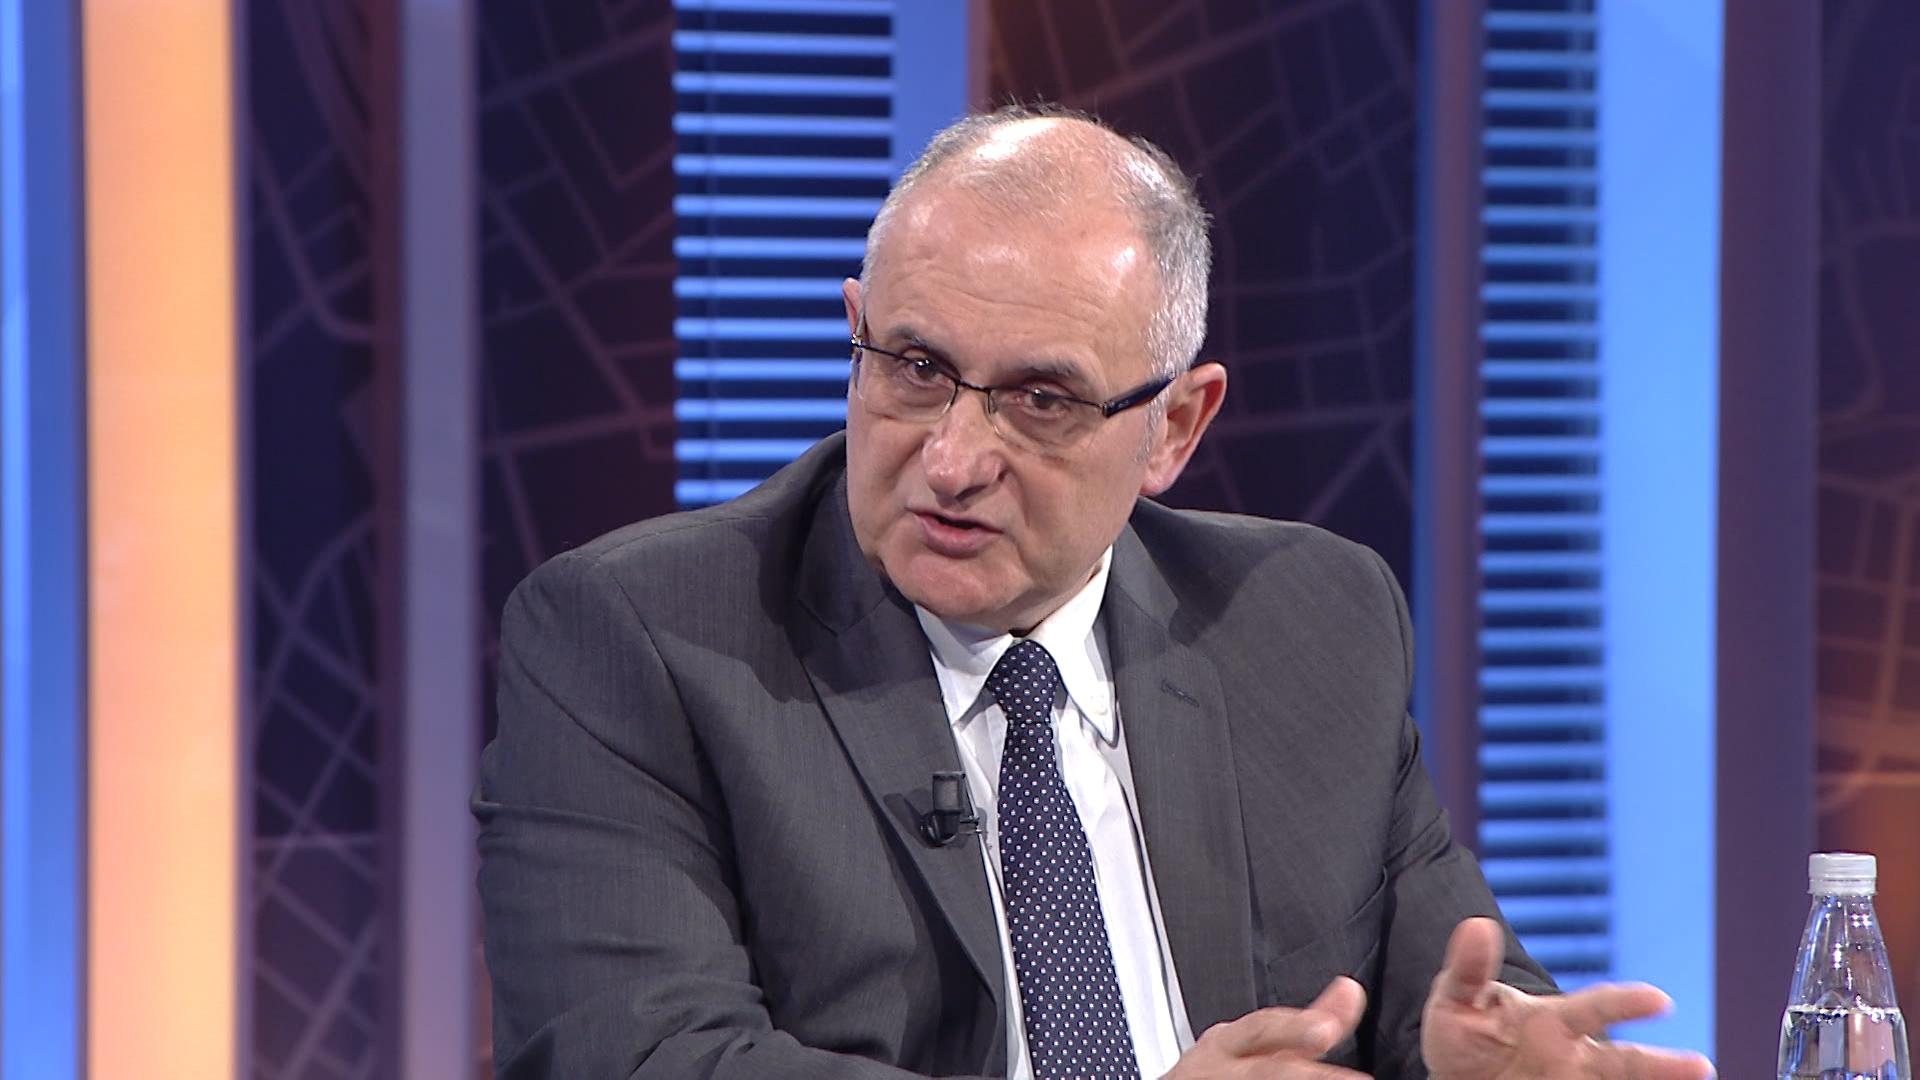 Vasili: Kryeministri dhe qeveria e asgjë-së, duhet të ndëshkohen e të bëhen shembull